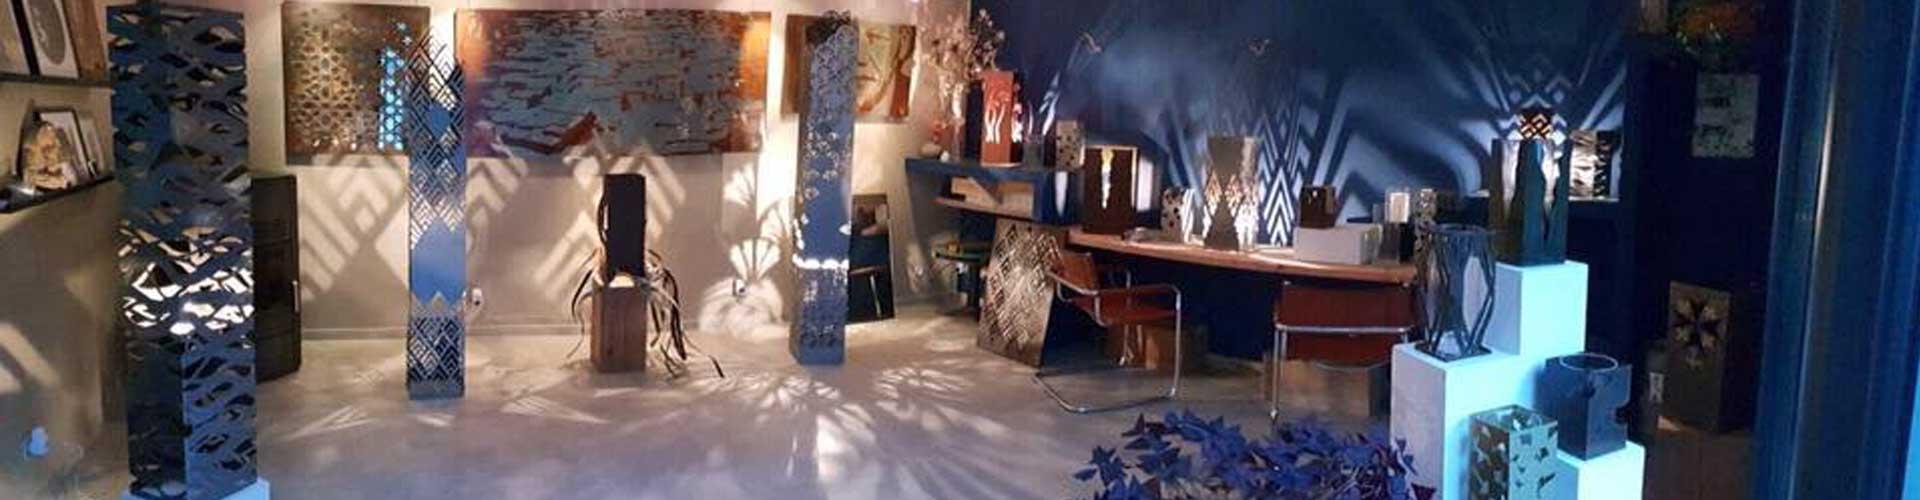 Karima Tahiri sculpteure de lumière,  La Vacquerie et Saint-Martin de Castries, l'Hérault